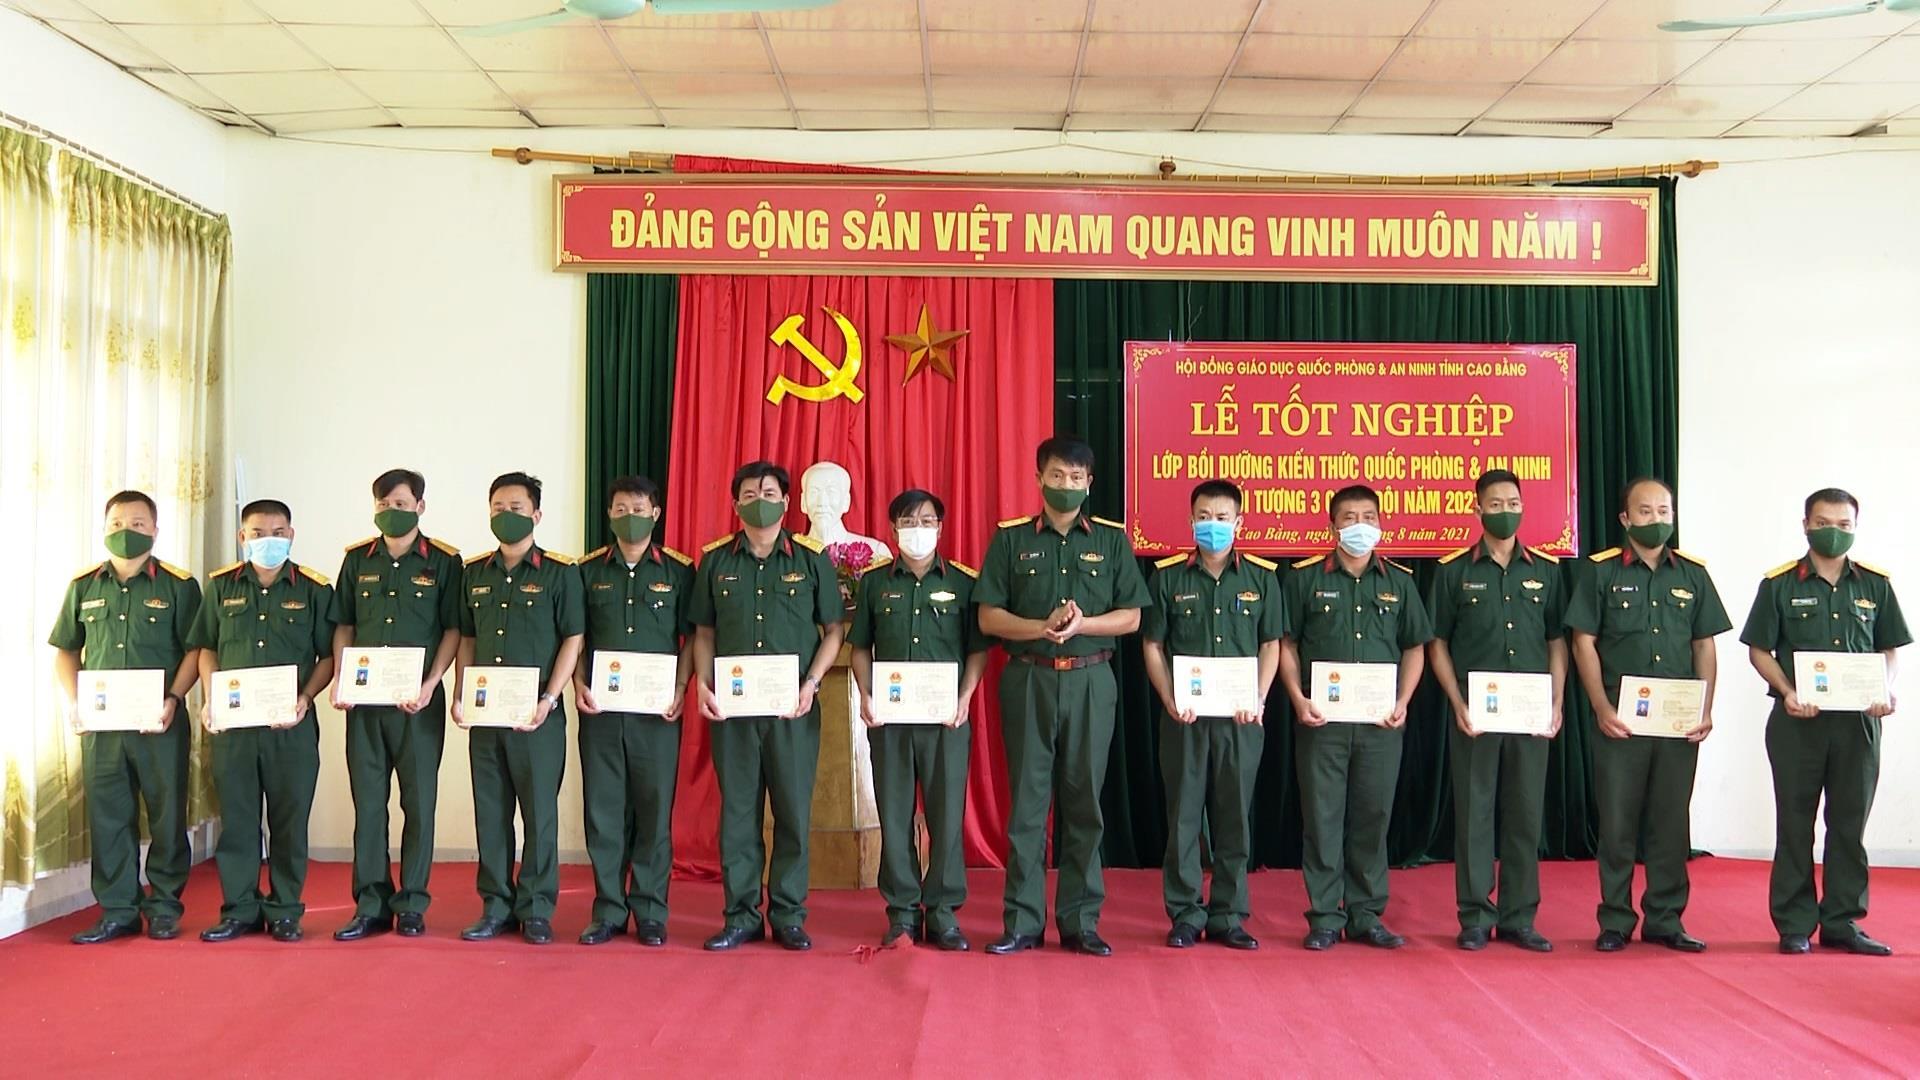 Hội đồng Giáo dục quốc phòng - an ninh tỉnh bế giảng lớp bồi dưỡng kiến thức quốc phòng - an ninh đối tượng 3 cán bộ sĩ quan Quân đội